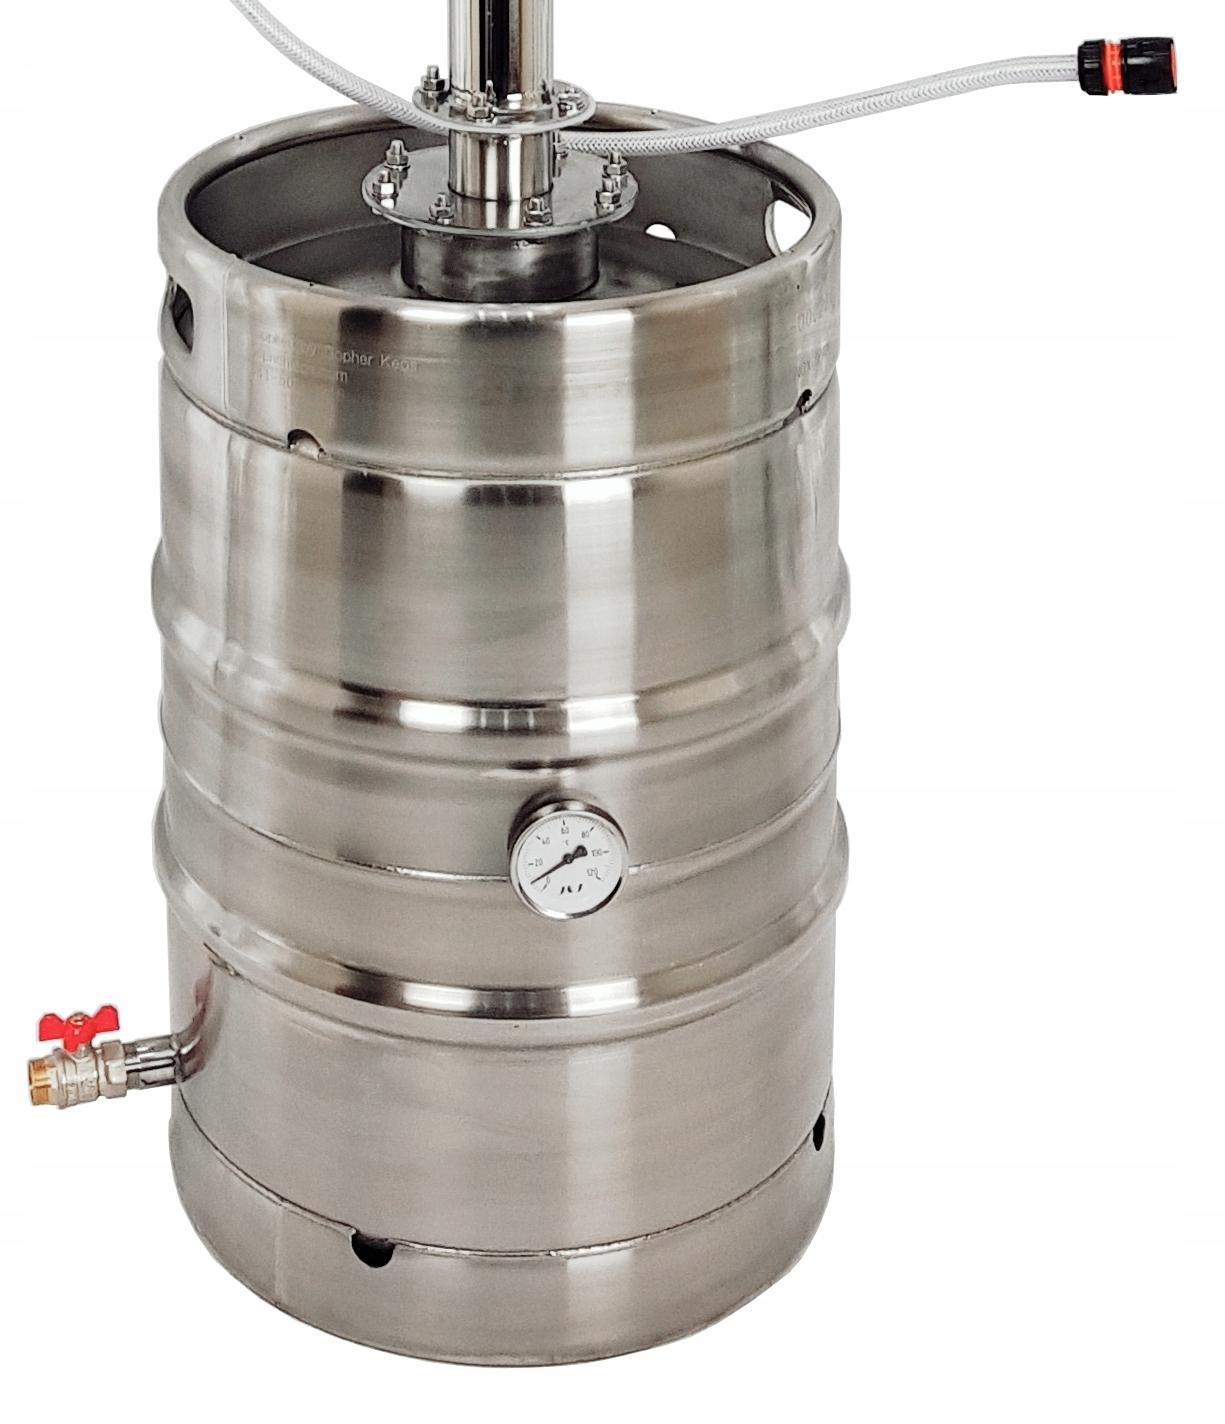 DESTYLATOR KEG 50 30l 2 ODSTOJNIKI ZIMNE PALCE Waga produktu z opakowaniem jednostkowym 29 kg